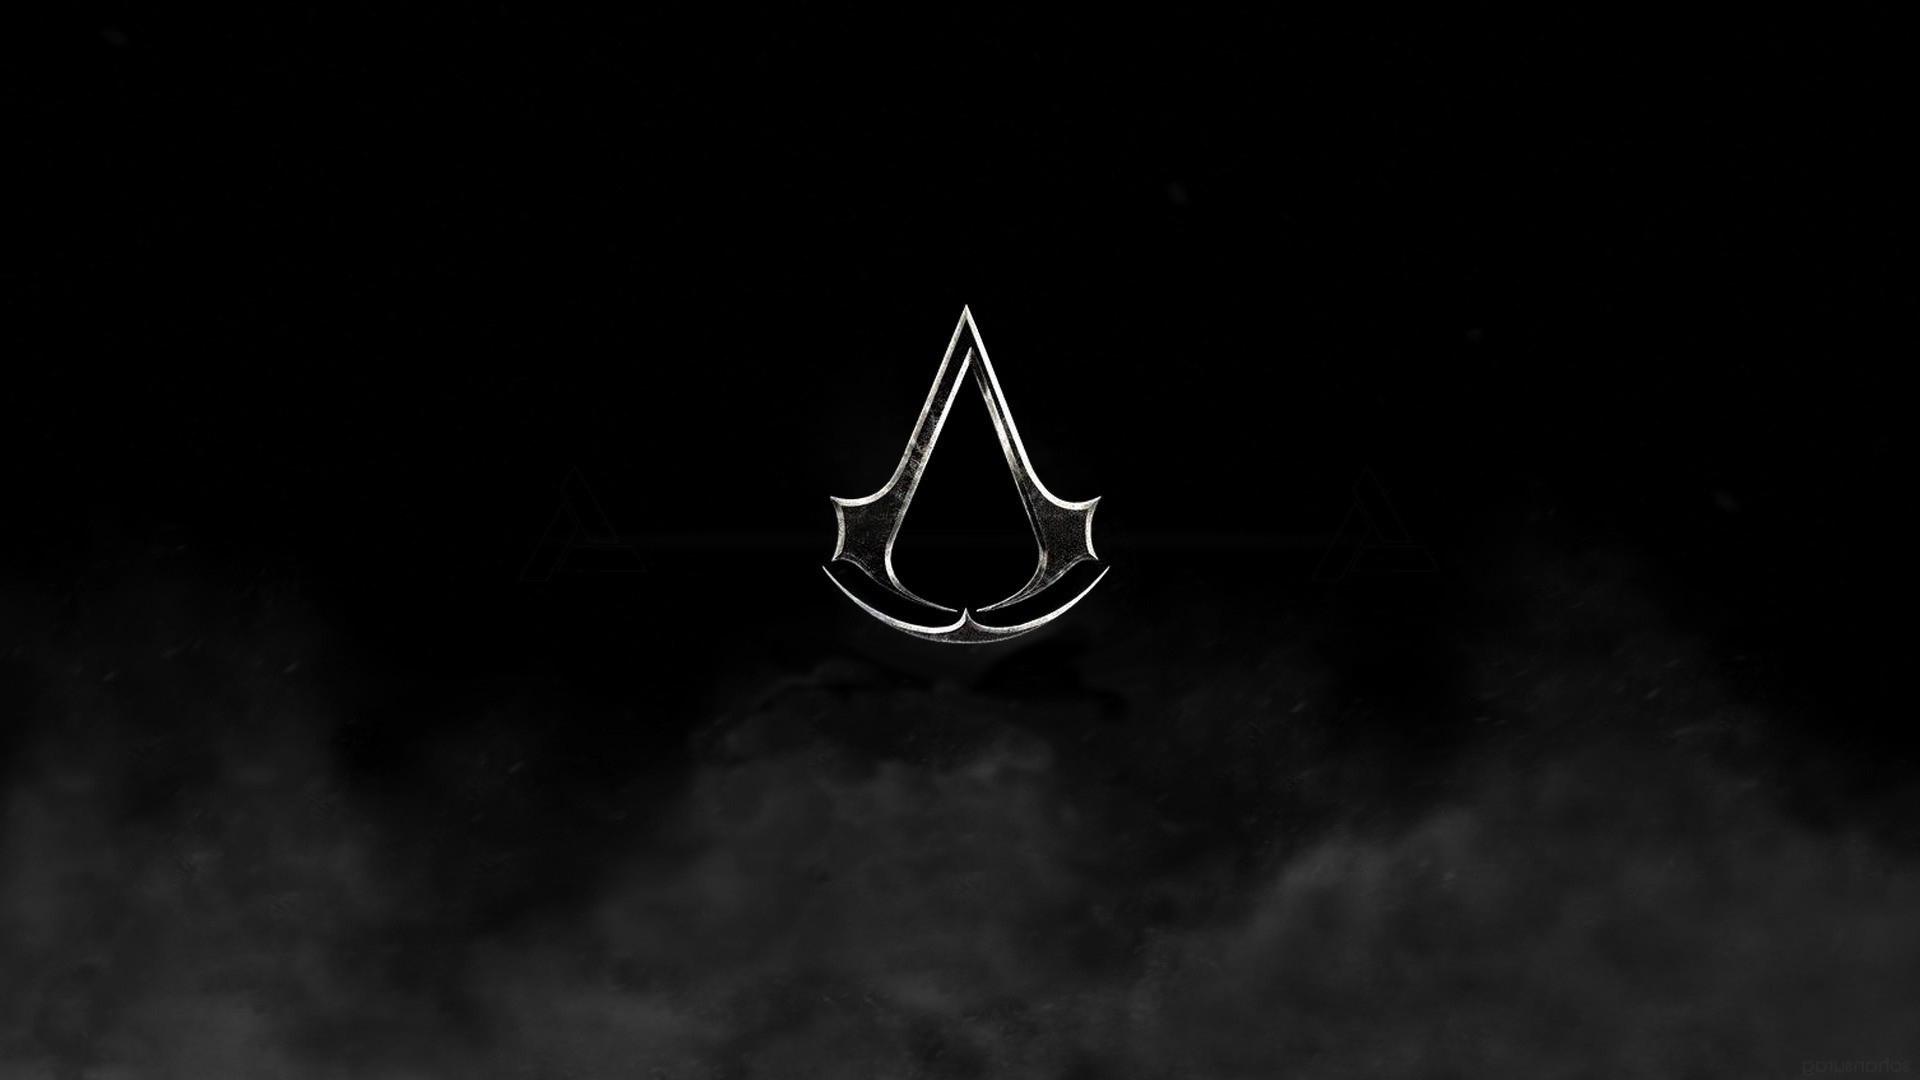 assassins-creed-logo-wallpapers-screen - wallpaper.wiki